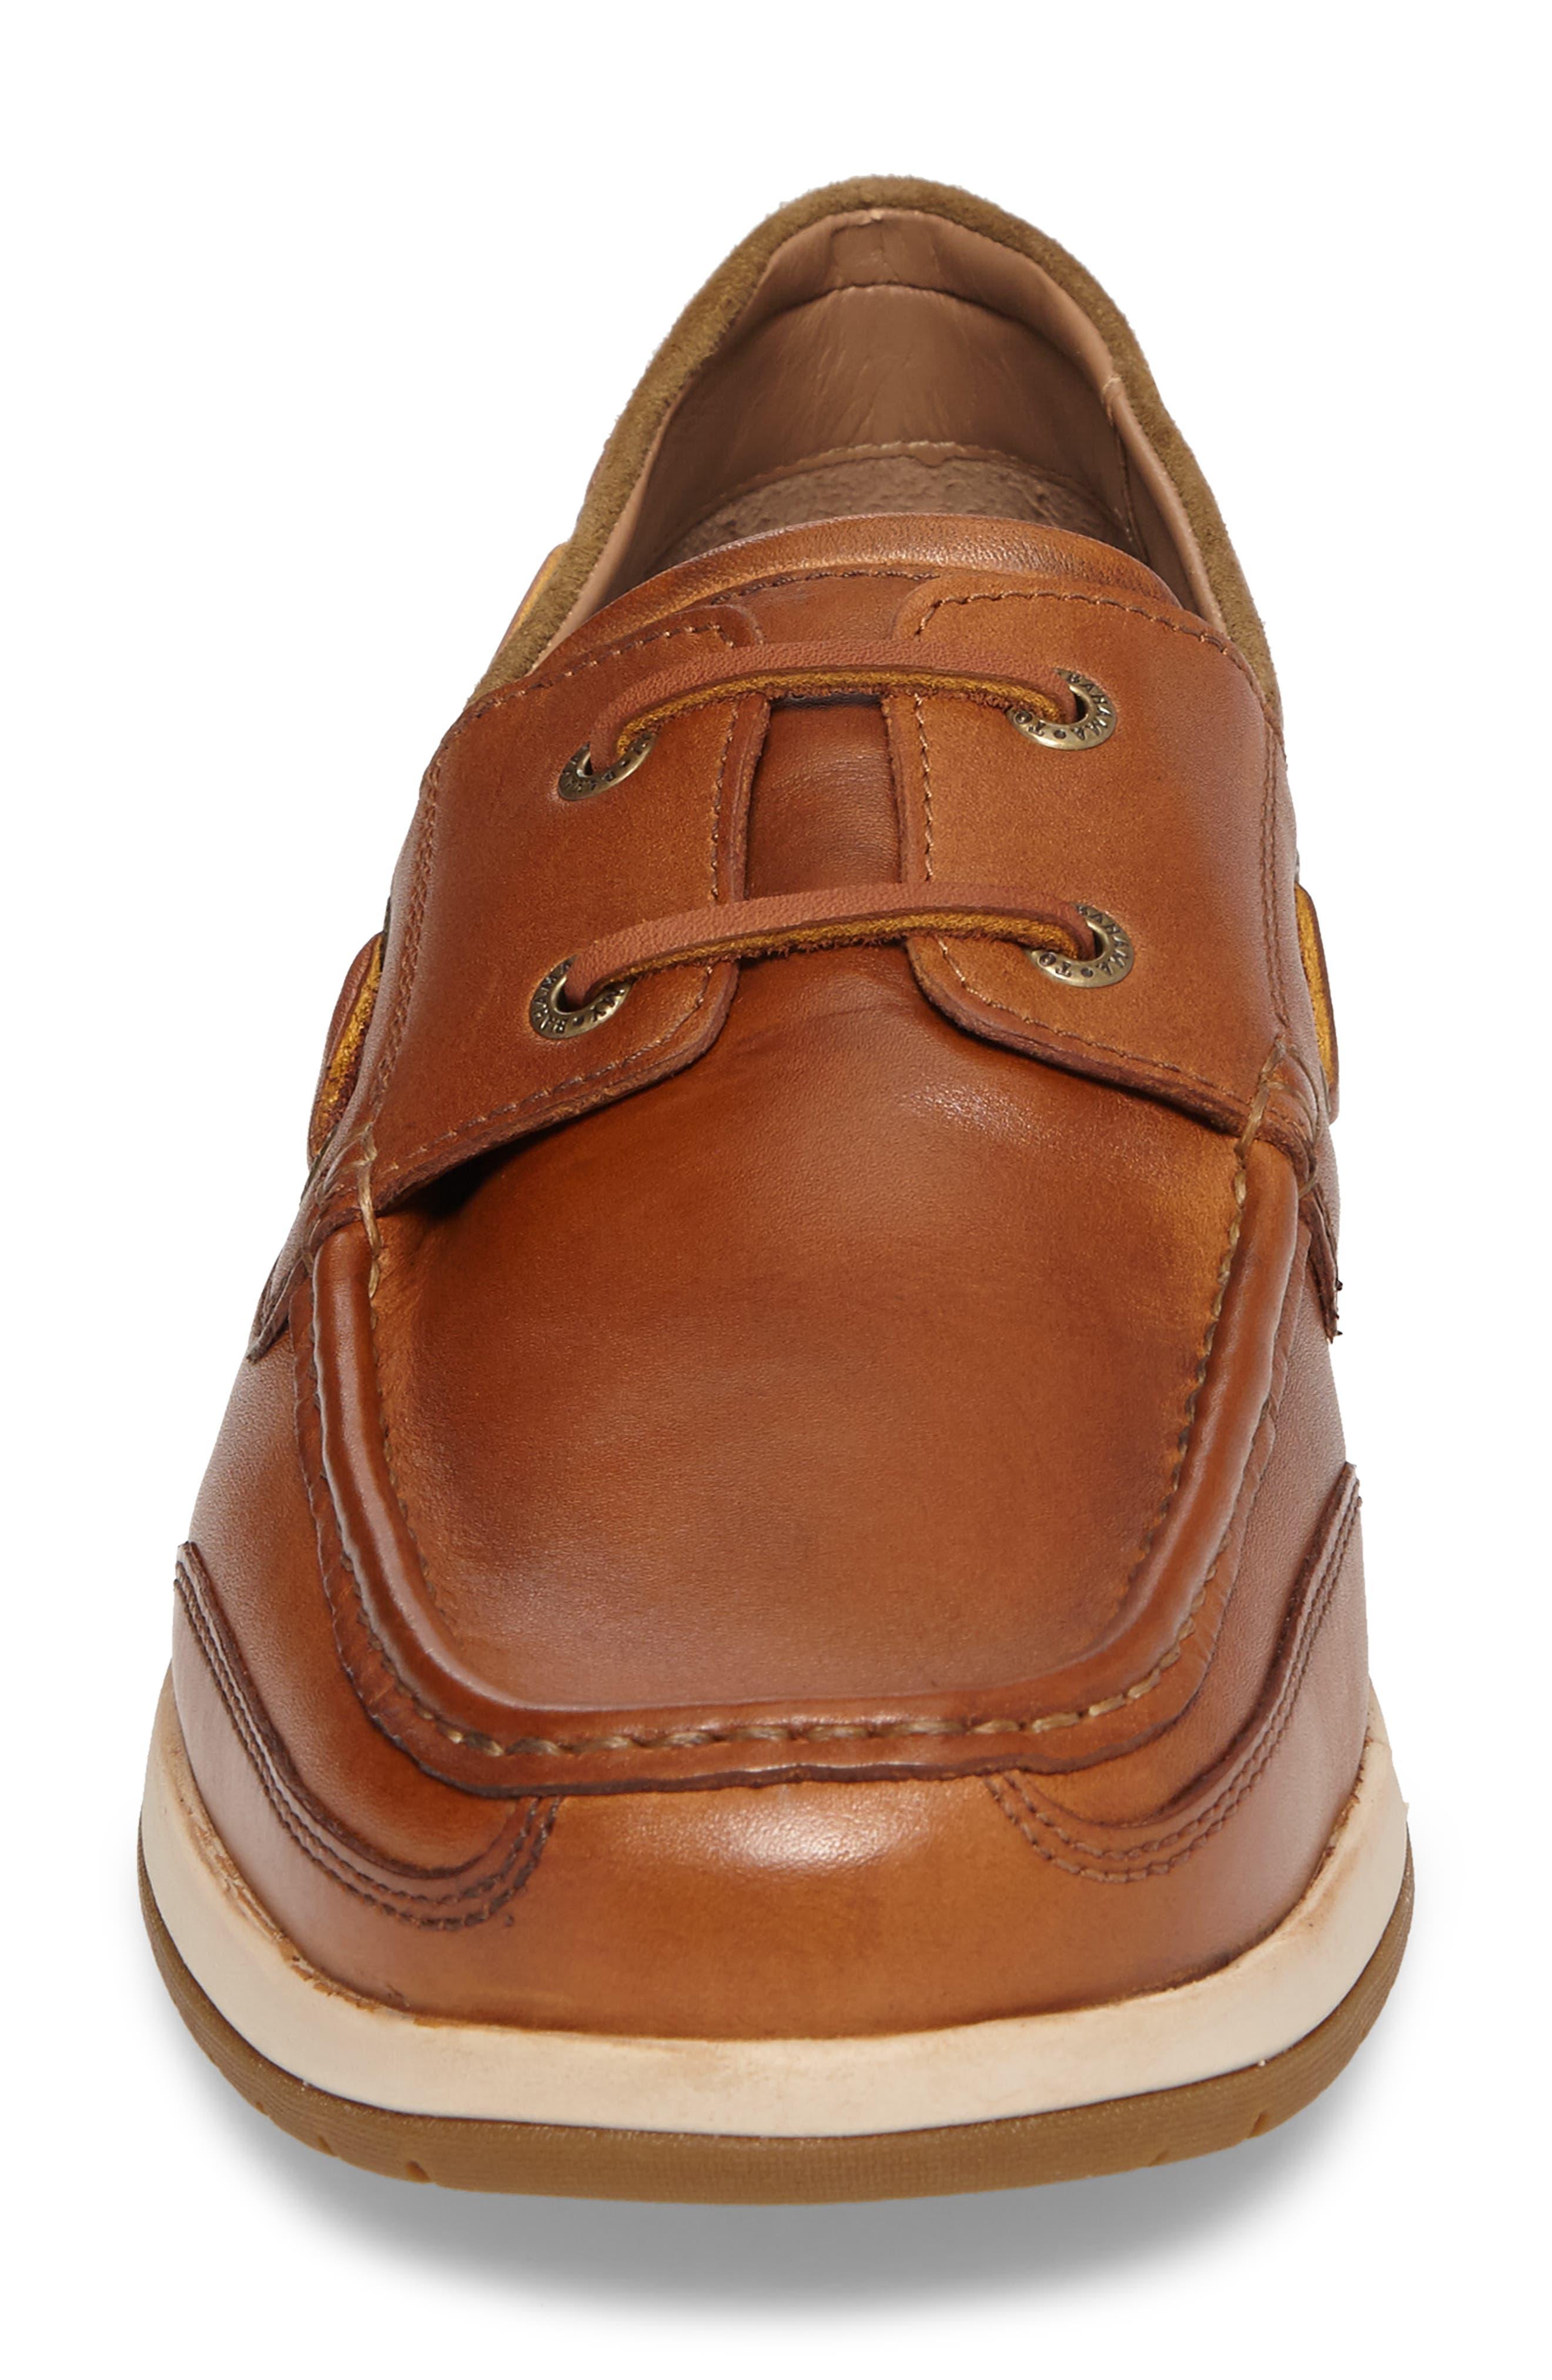 Alternate Image 4  - Tommy Bahama Ashore Thing Boat Shoe (Men)